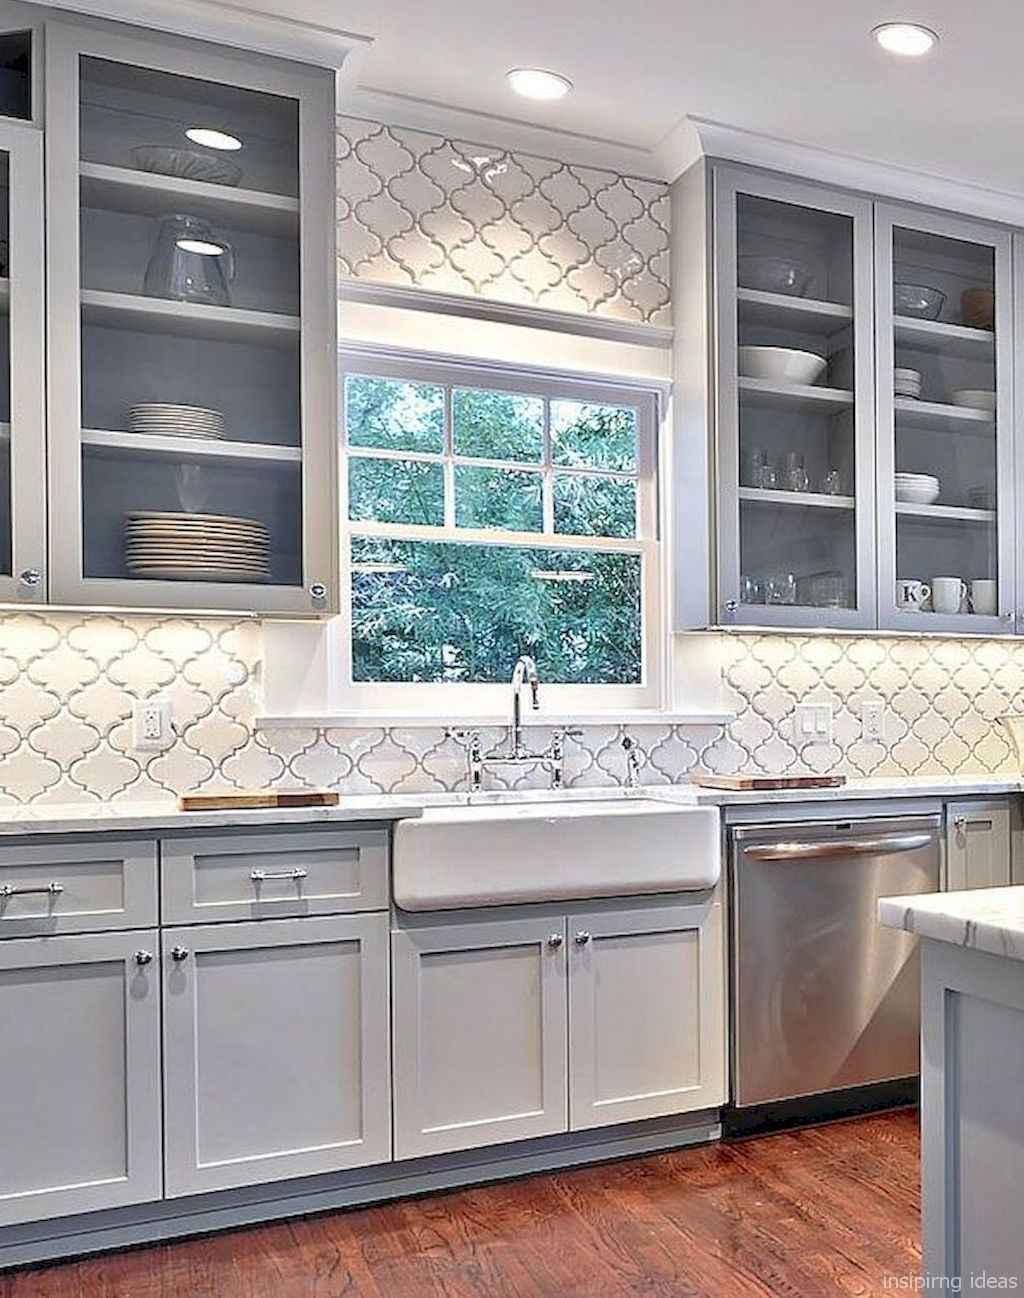 Modern Farmhouse Kitchen Backsplash Design Ideas 19 Lovelyving